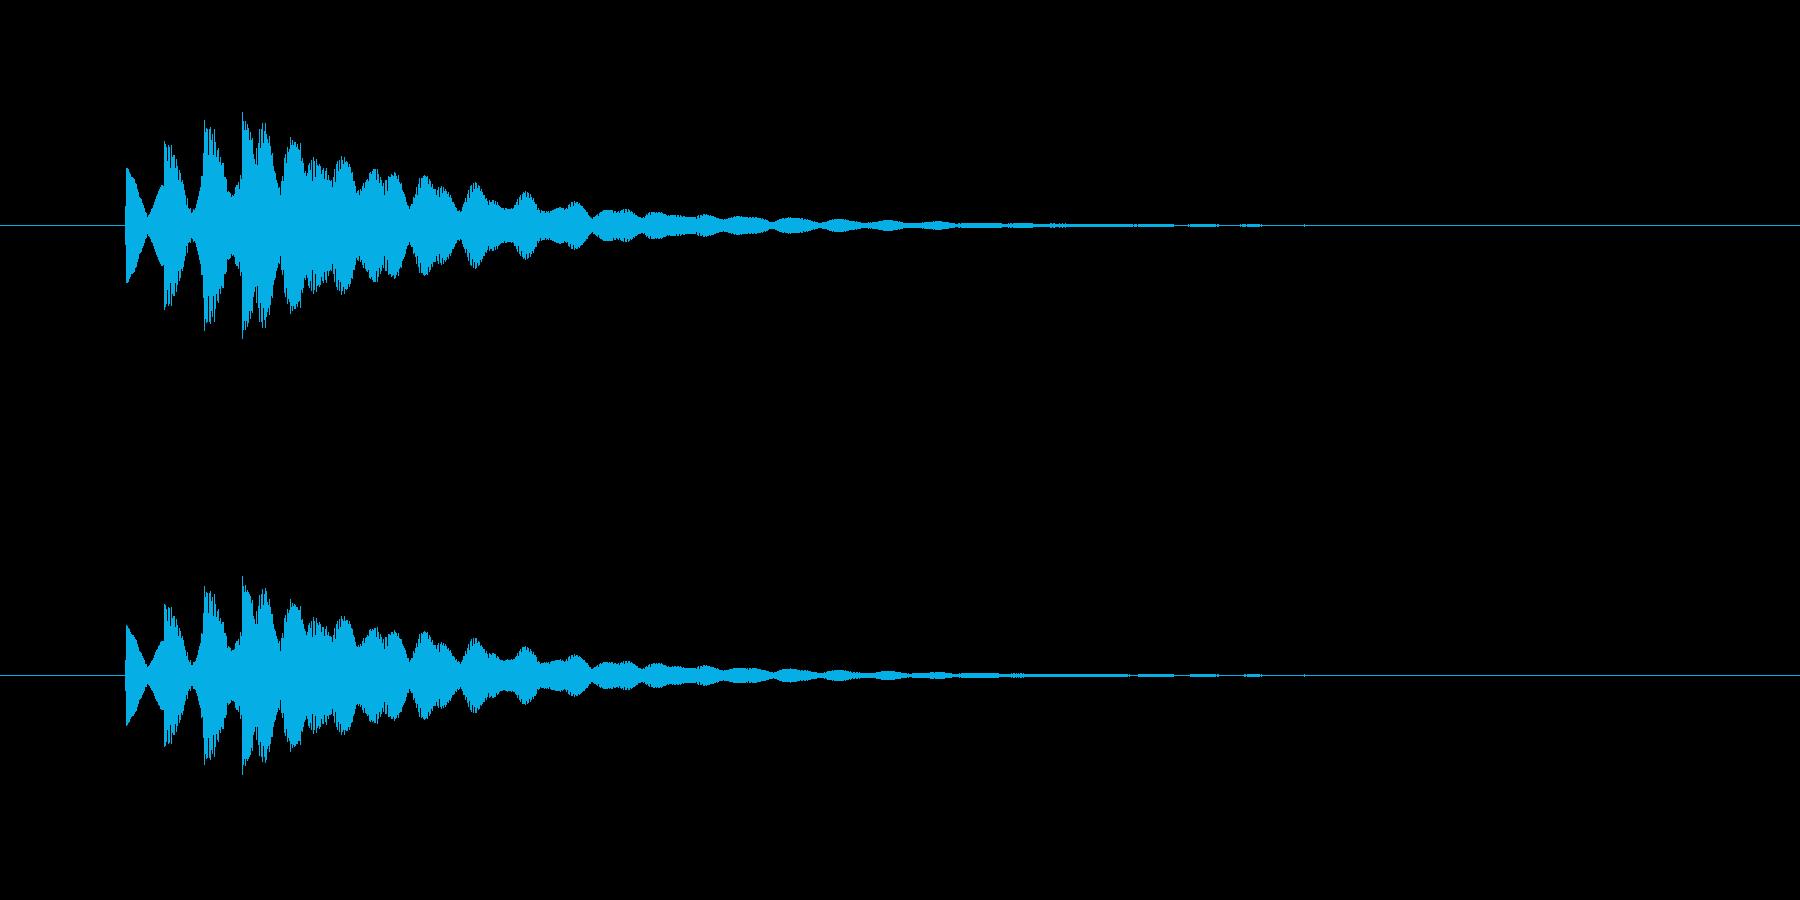 ピポピポン(やわらかいチャイム音)の再生済みの波形